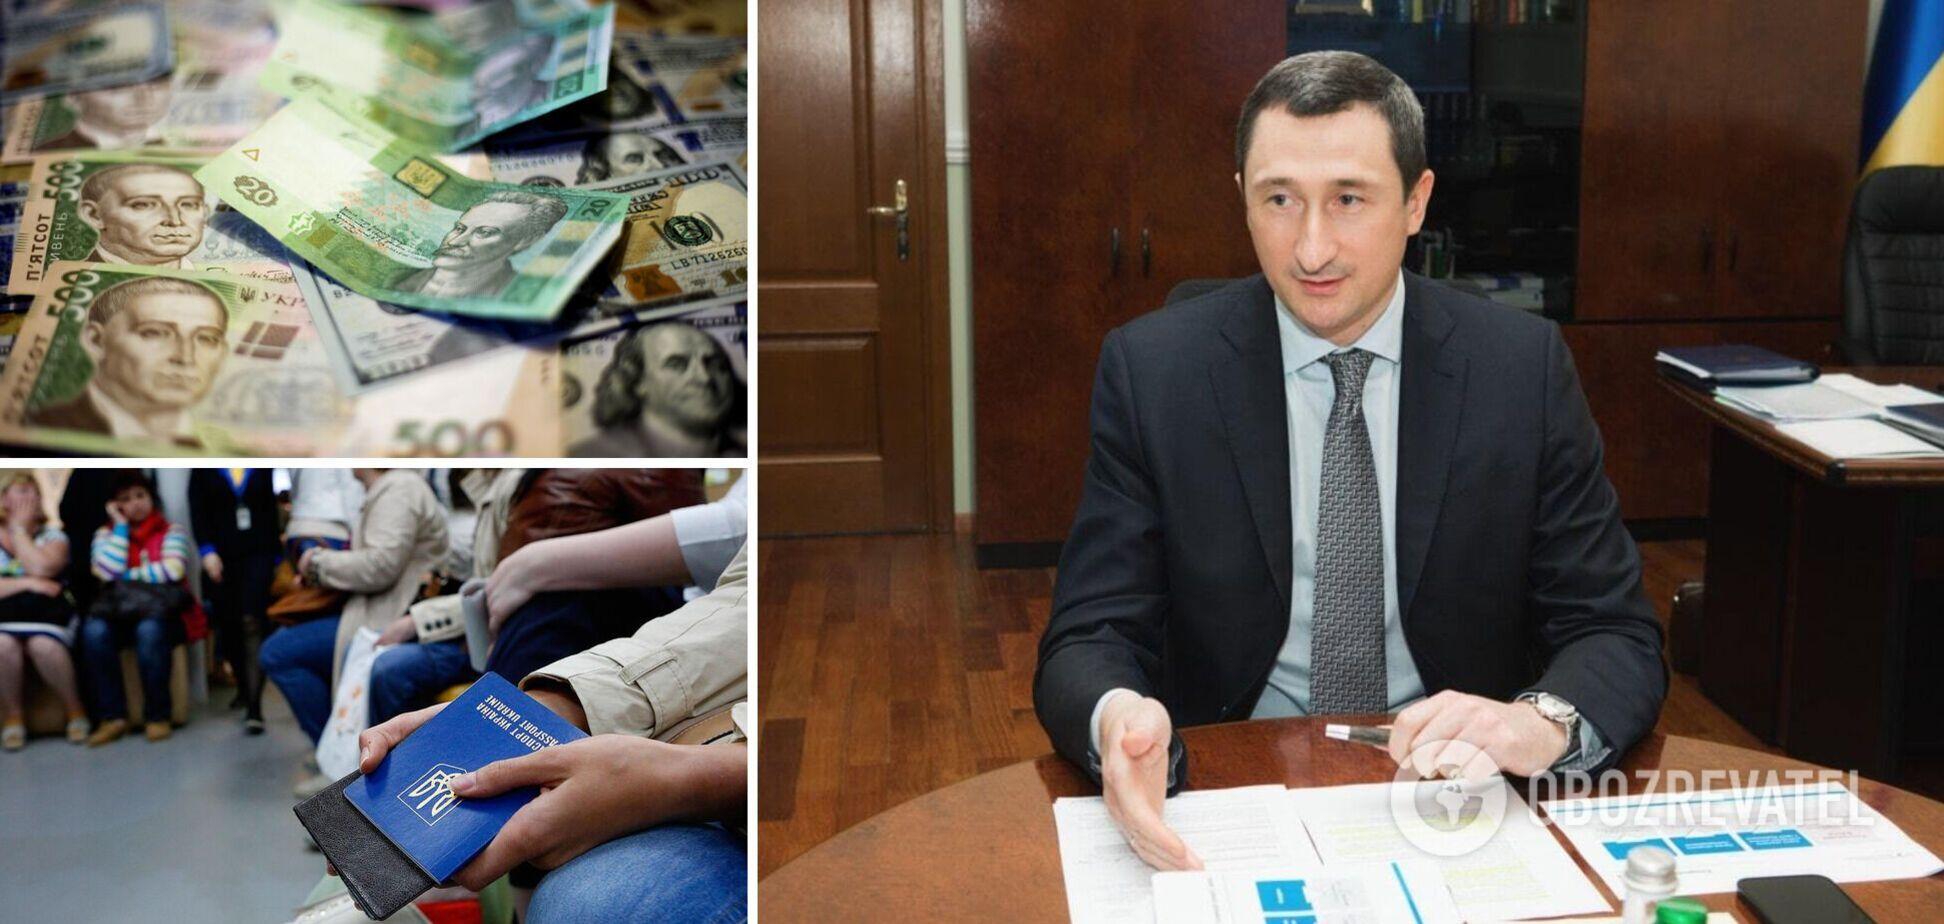 Чернышов рассказал, какой должна быть зарплата в Украине, чтобы решить проблему с заробитчанами